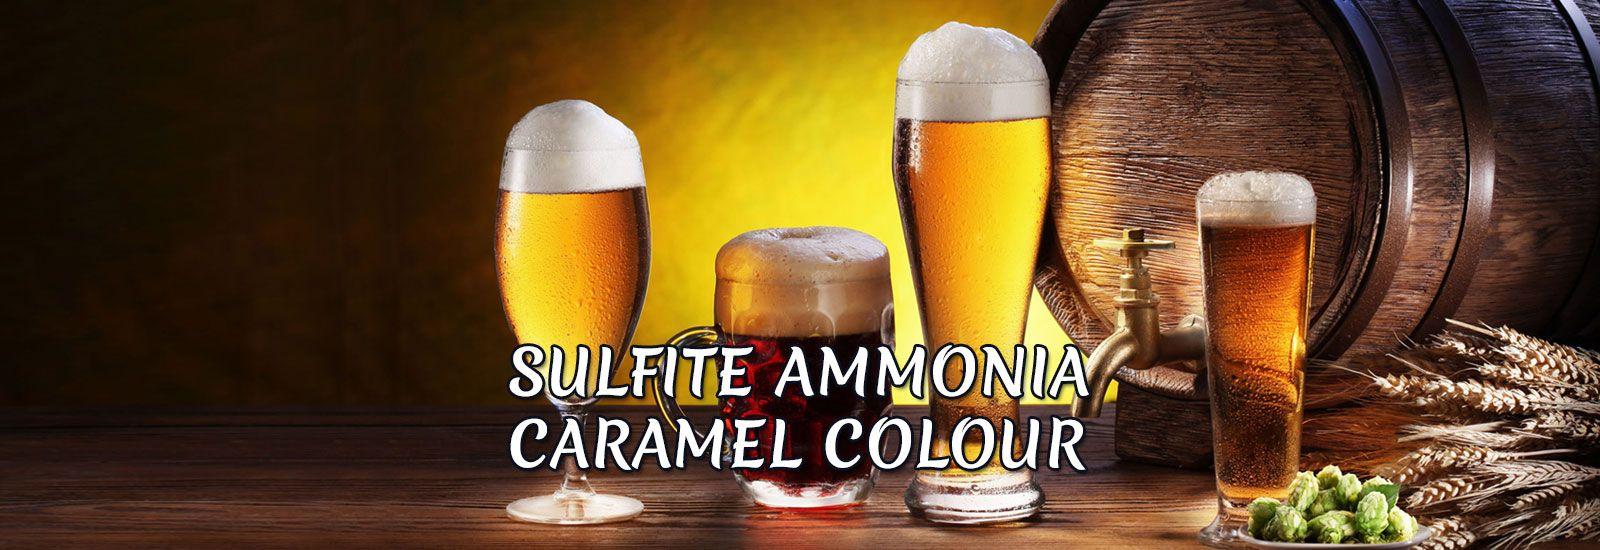 Caramel Colour Type IV E150d